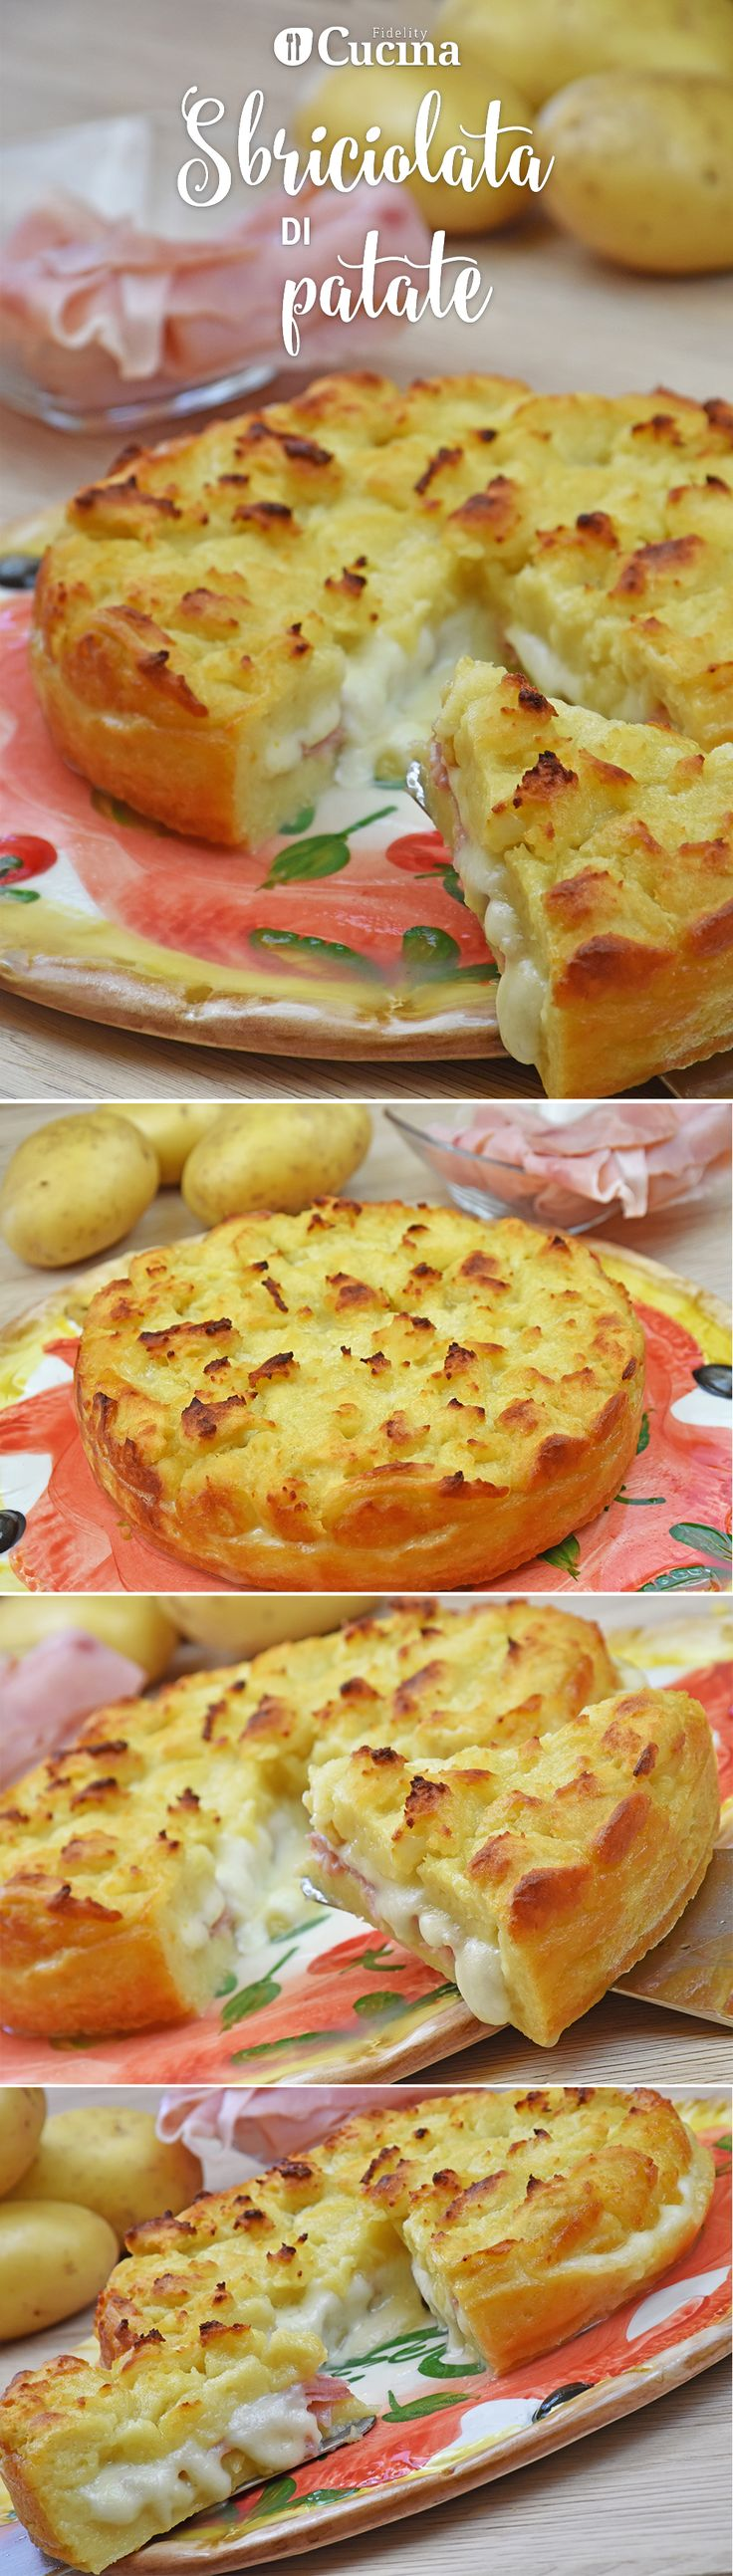 La #sbriciolata di #patate è una variante salata della classica sbriciolata…